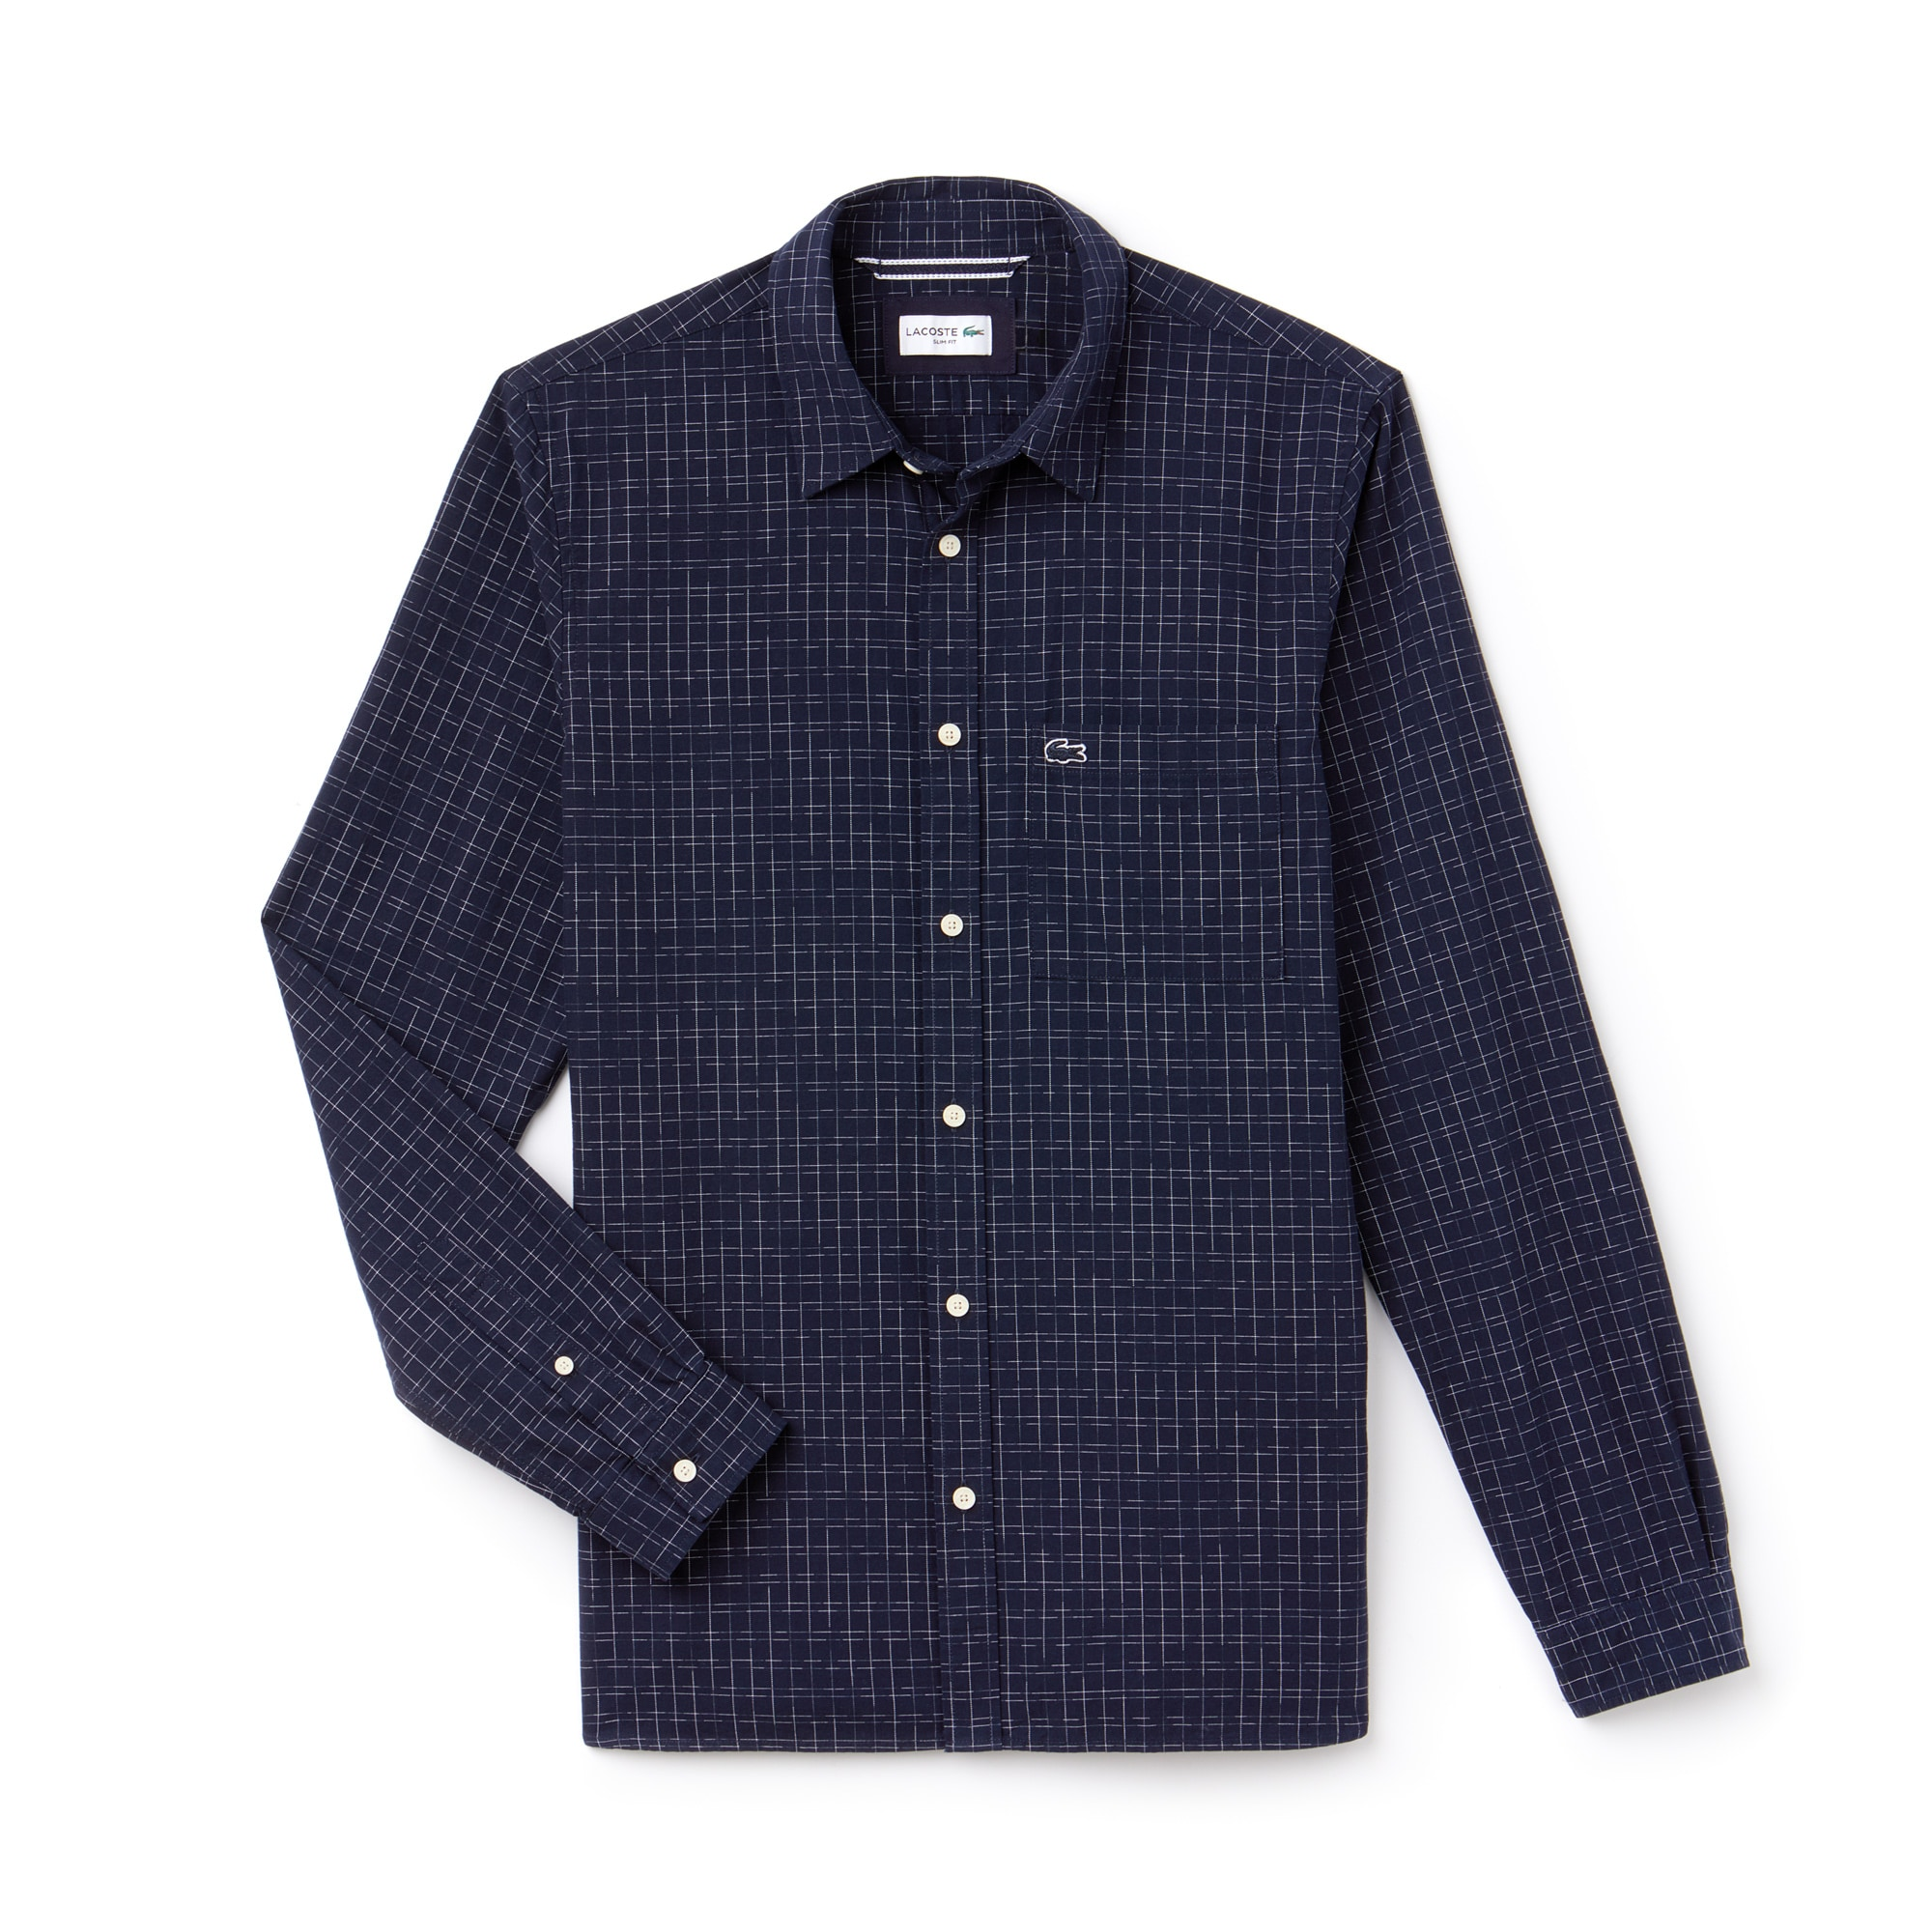 Camisa slim fit em popelina desbotada com impressão Ikat